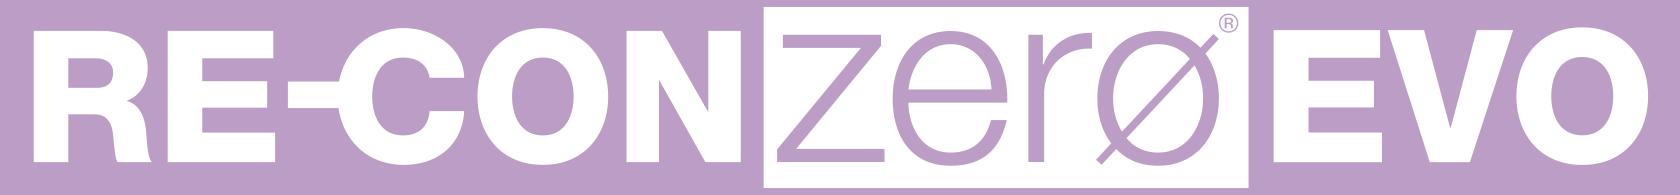 re-con-zero-evo